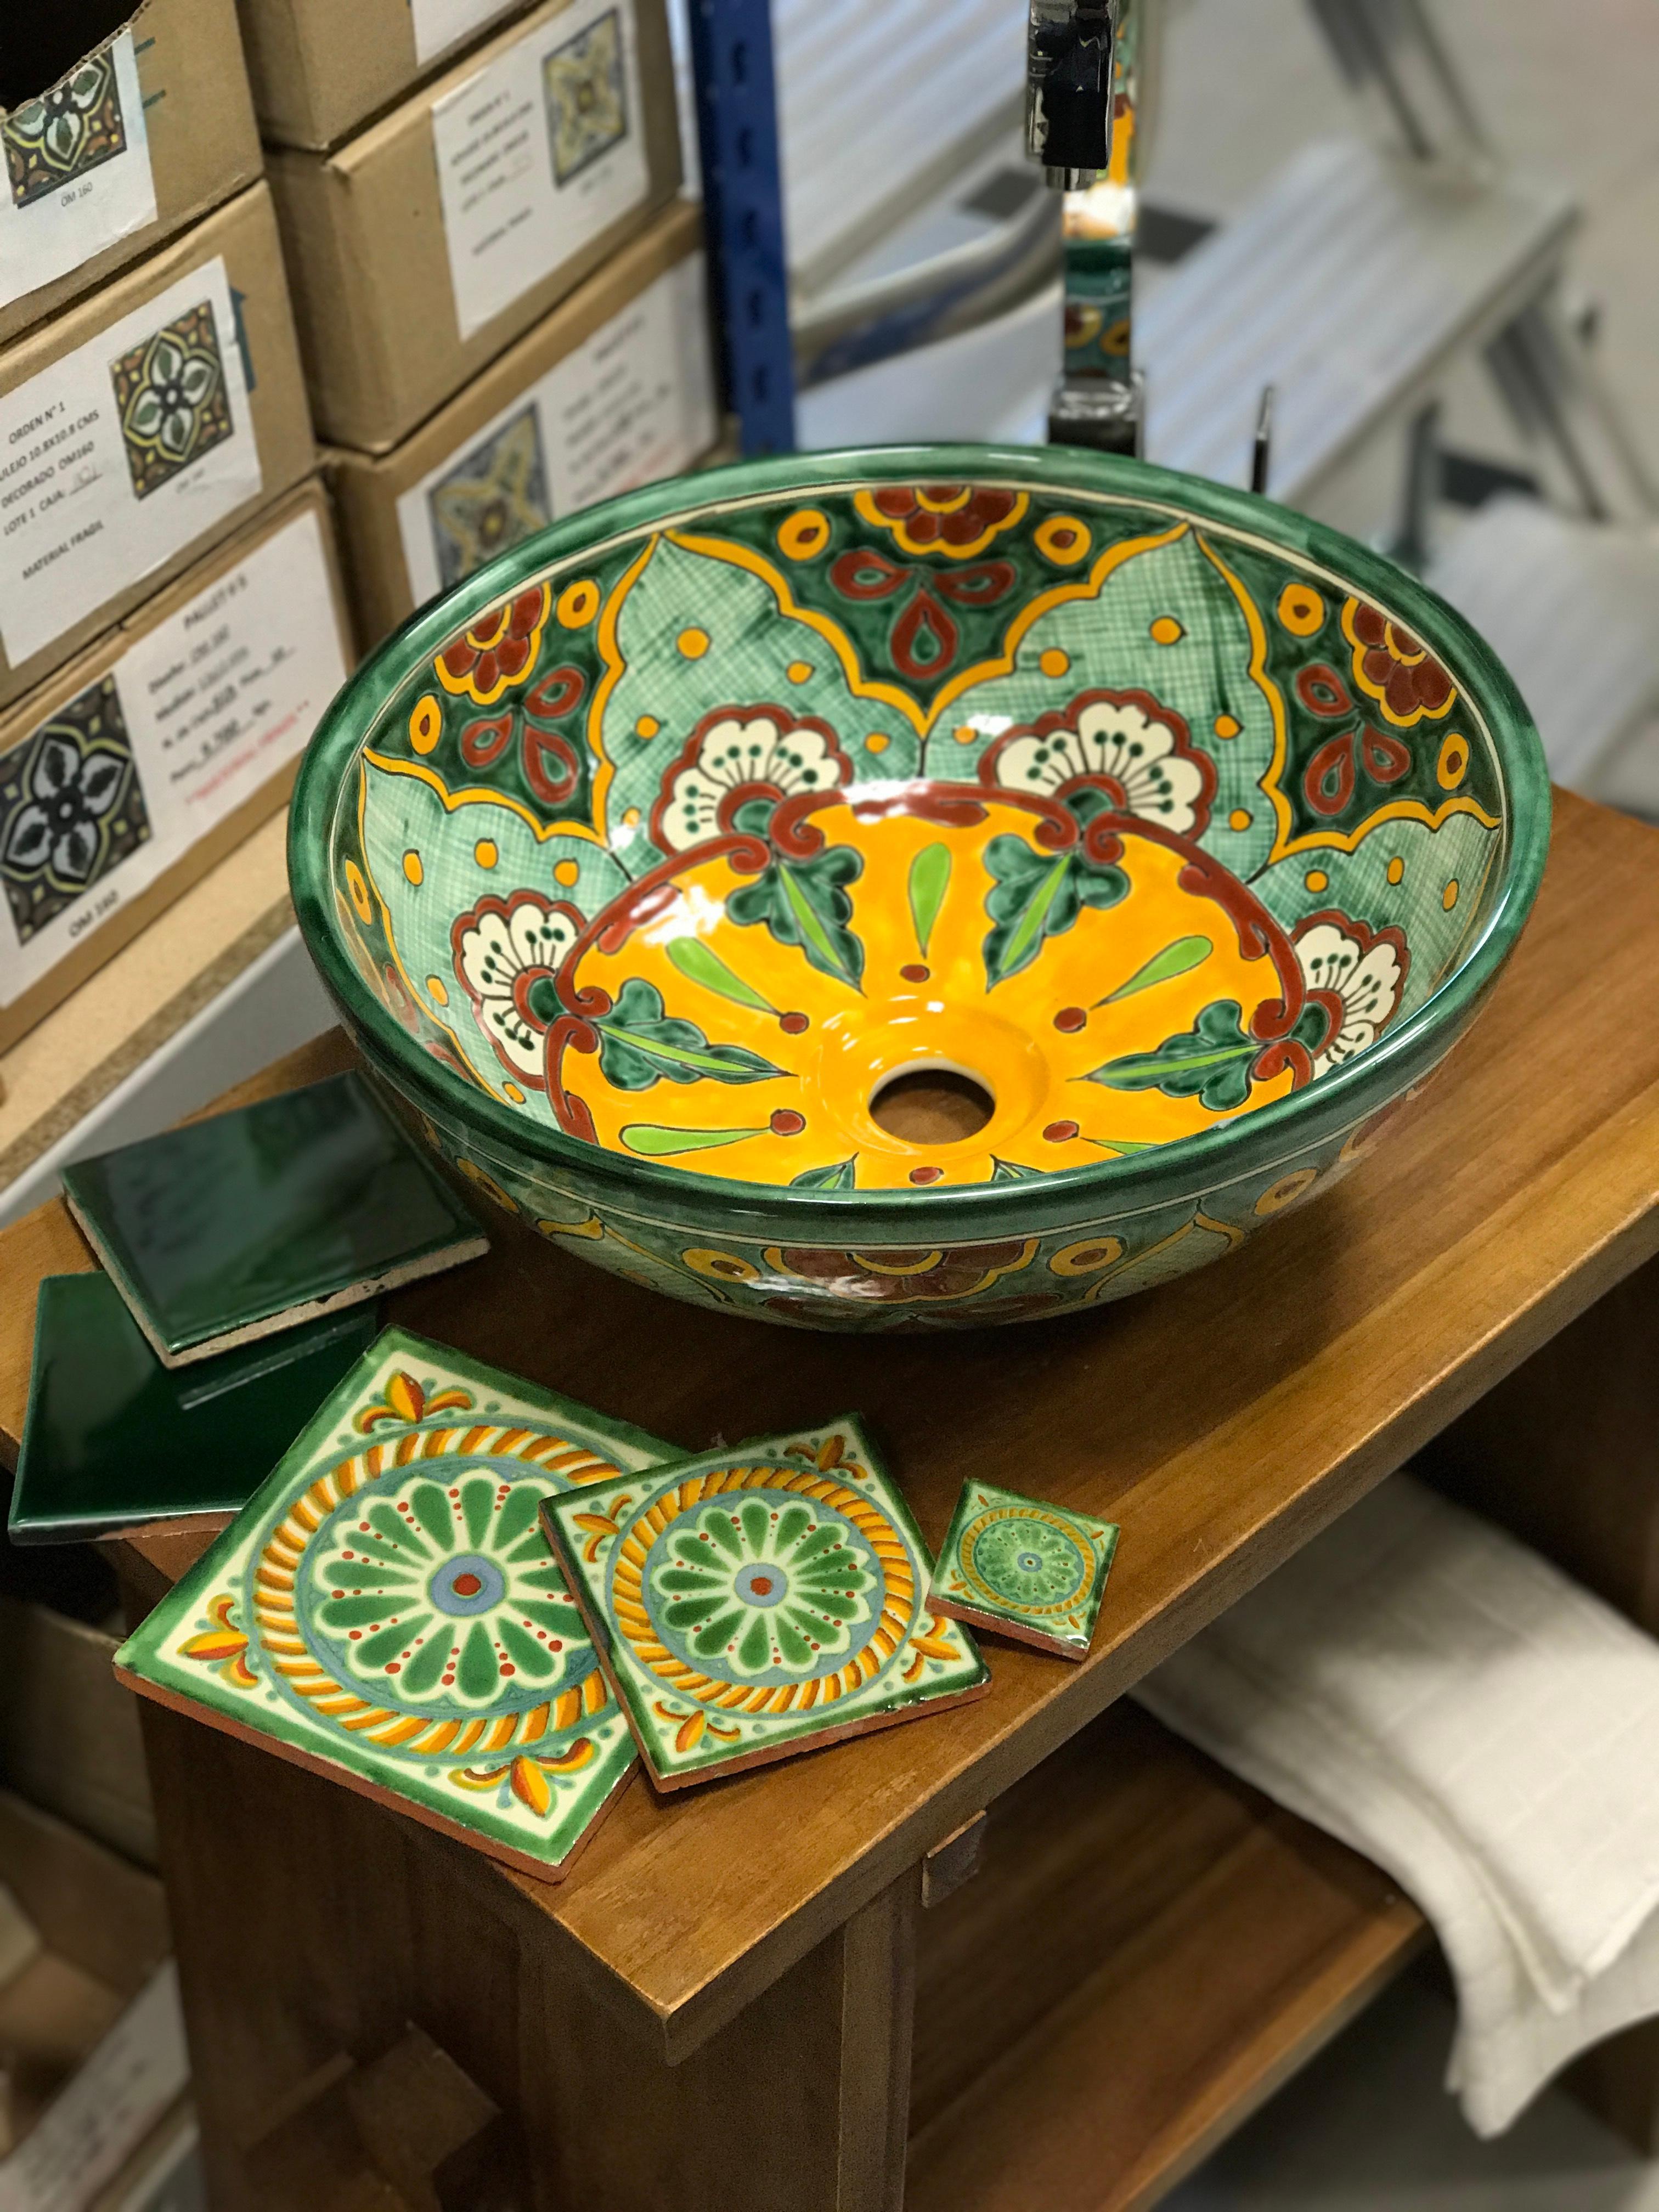 Großartig Ausgefallene Waschbecken Sammlung Von Fliesen Und In Grün Aus Mexiko #waschtisch